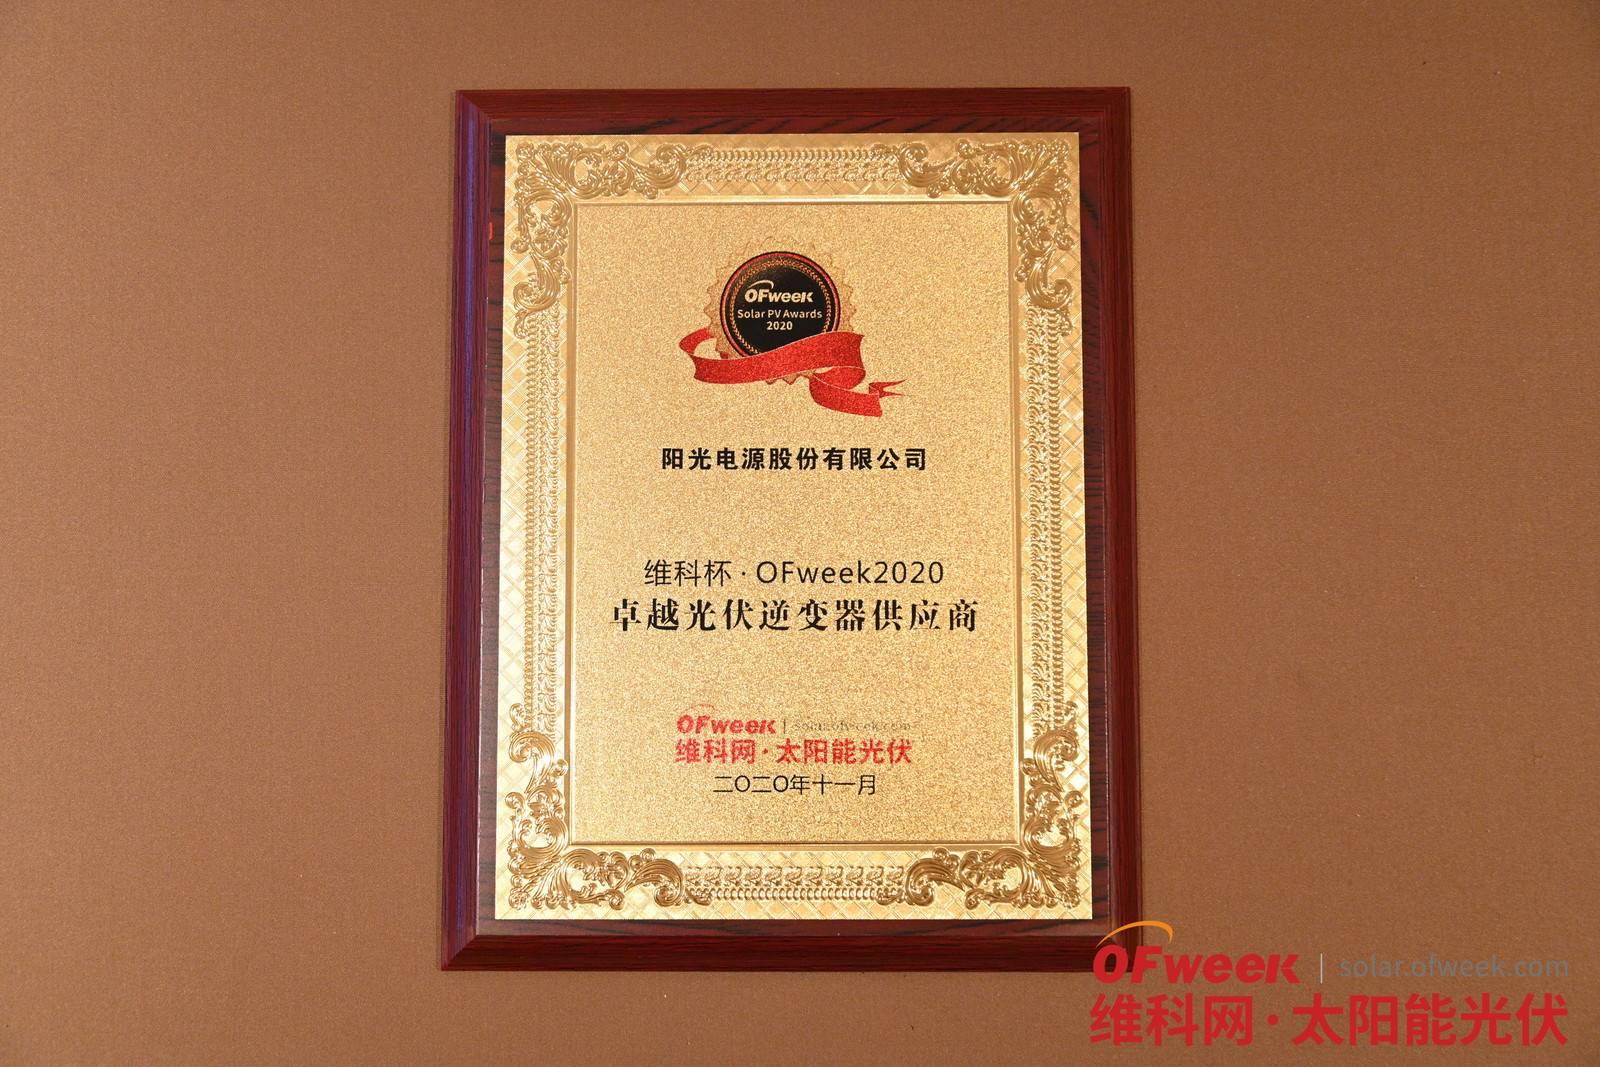 阳光电源股份有限公司荣获维科杯·OFweek2020卓越光伏逆变器供应商